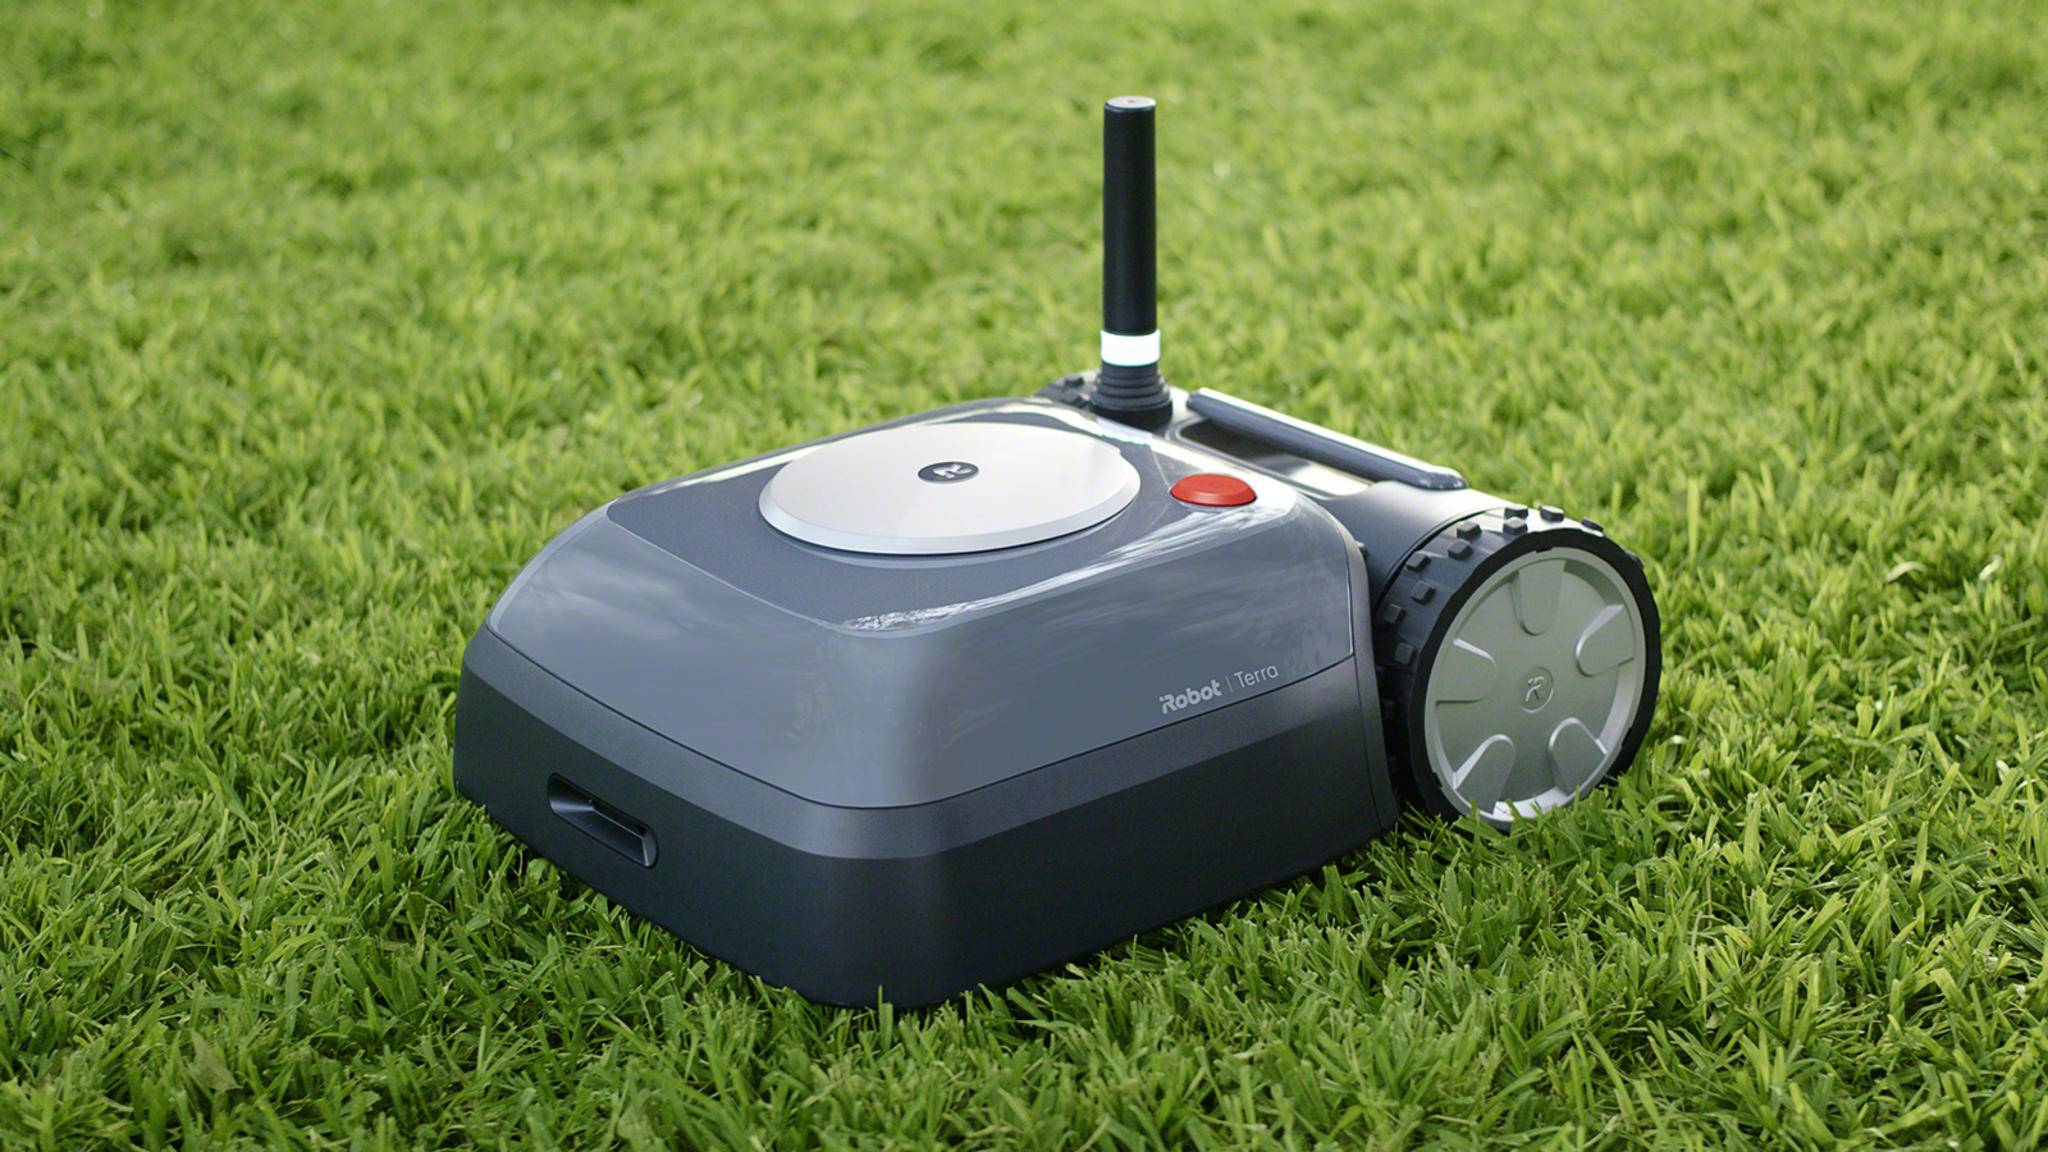 Mähroboter Terra punktet mit Smart-Mapping-Technologie – ganz wie sein großer Bruder, Staubsaugerroboter Roomba.